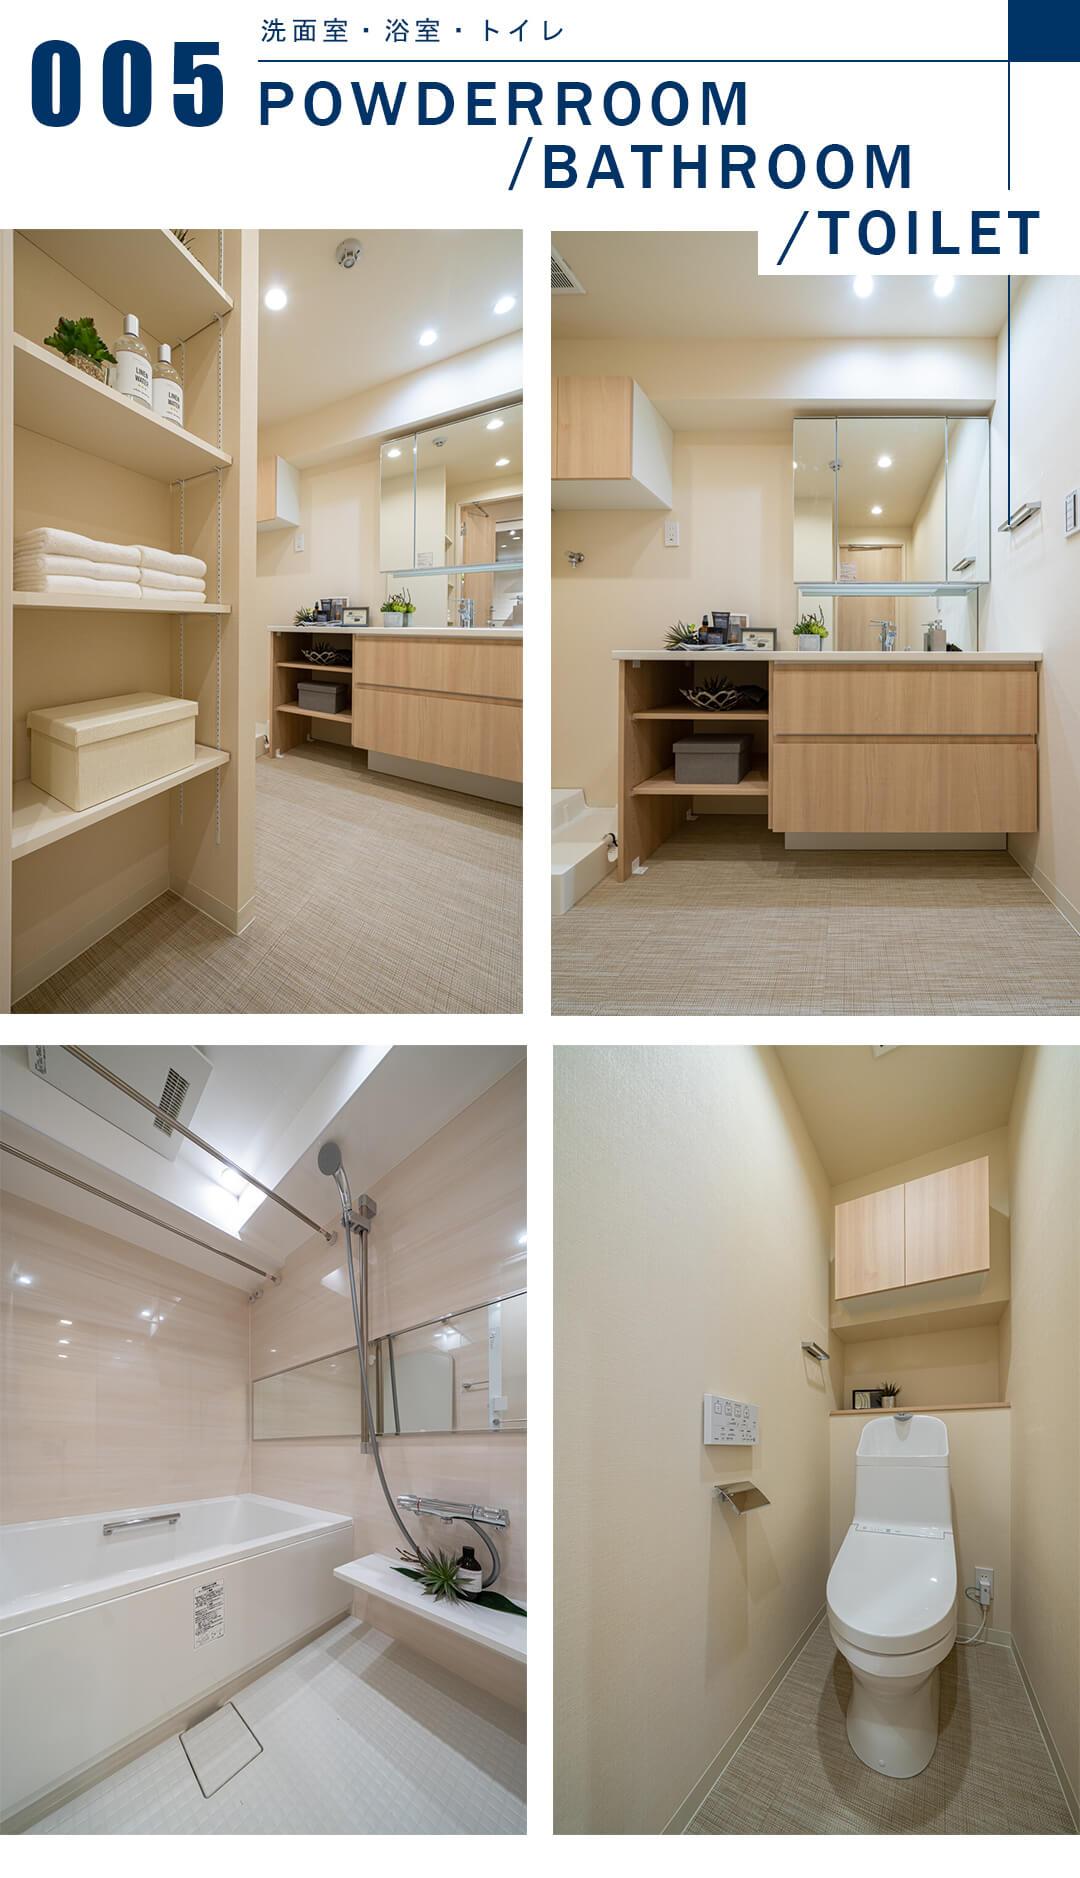 ダイナシティ文京根津の洗面室と浴室とトイレ